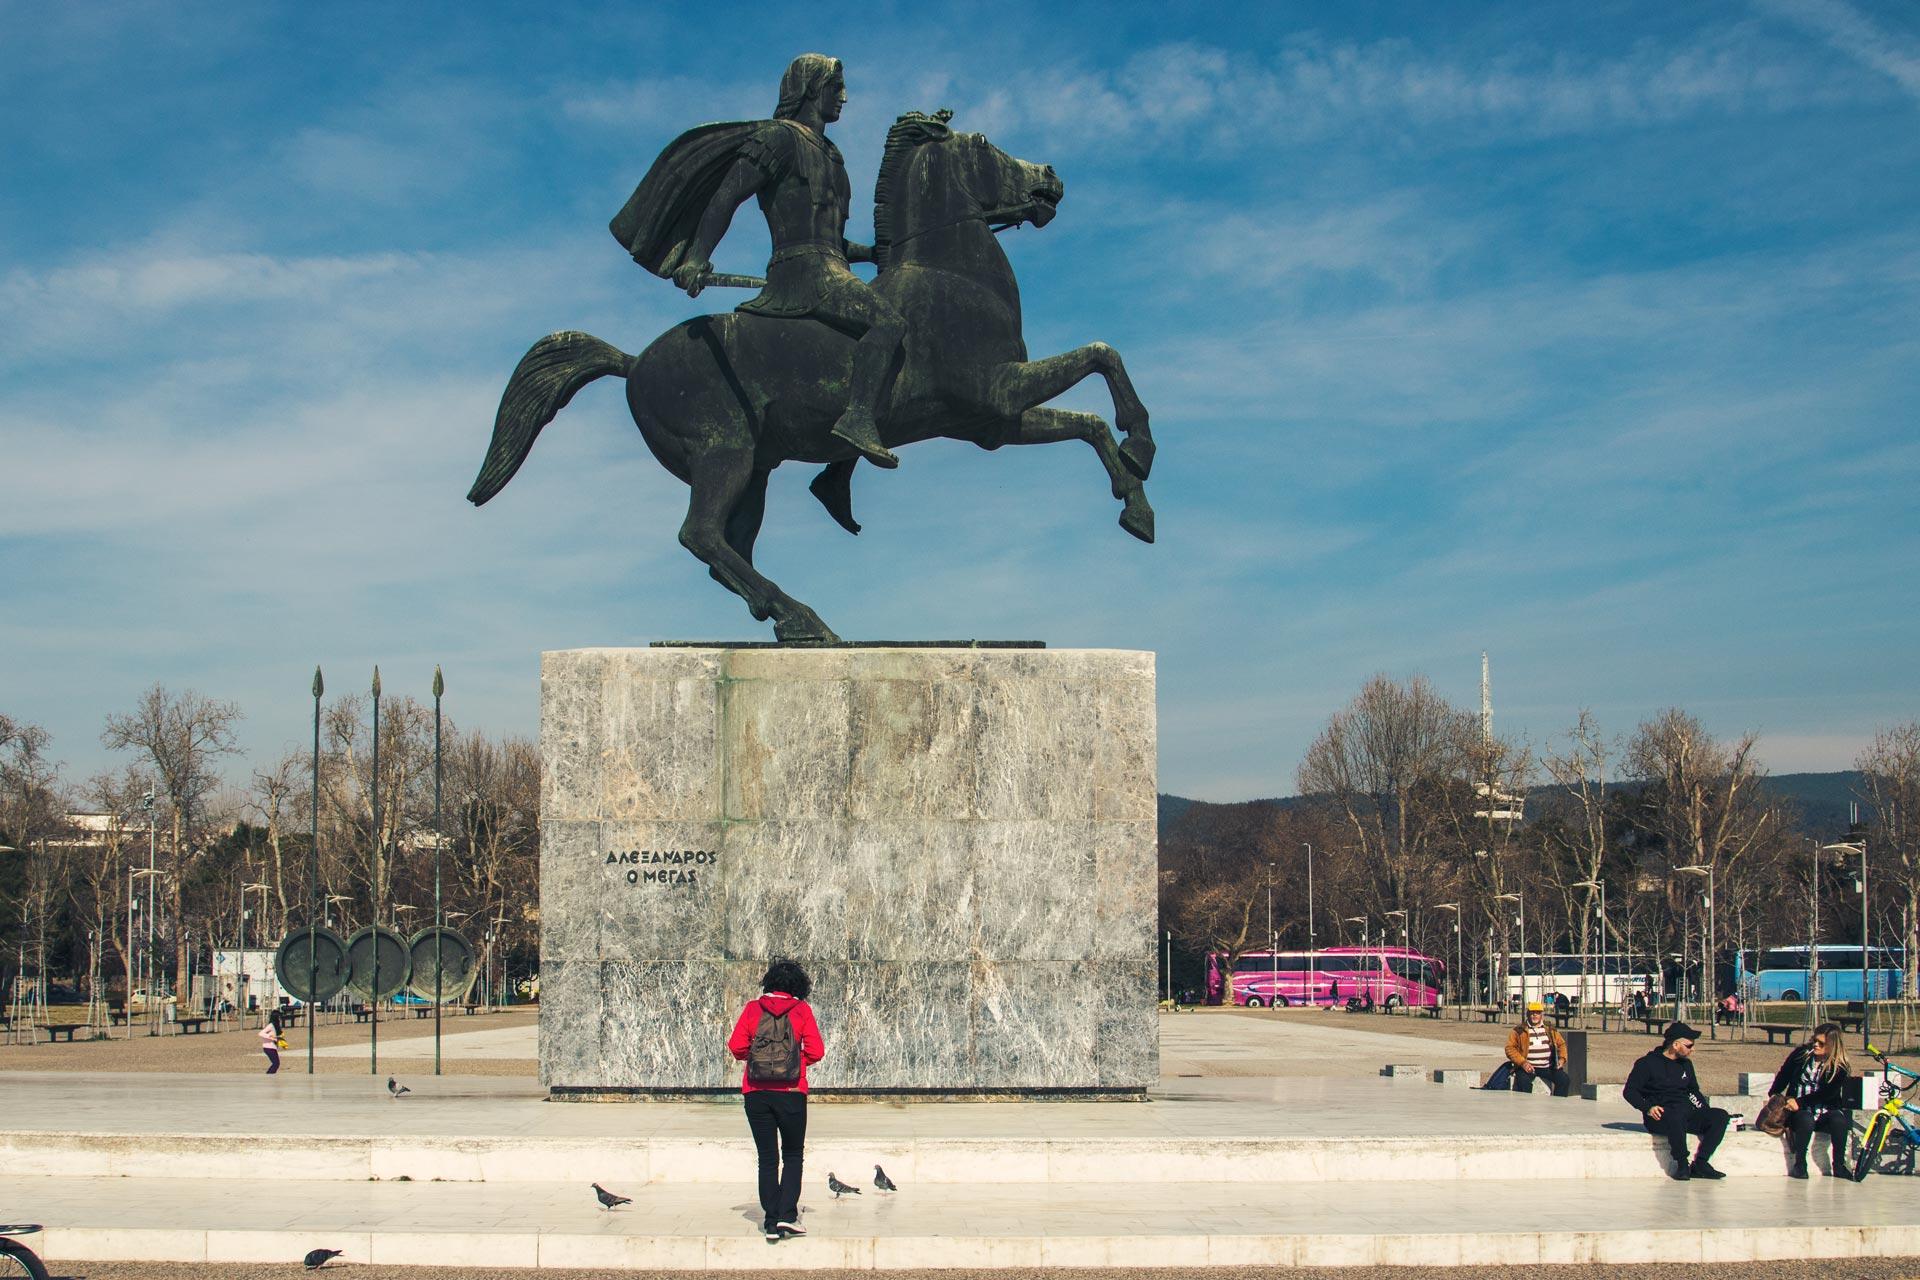 Büyük İskender heykeli Yunanistan Gezi Rehberi Selanik Gezilecek Yerler Çekergezer Hakan Aydın Fotoğrafları